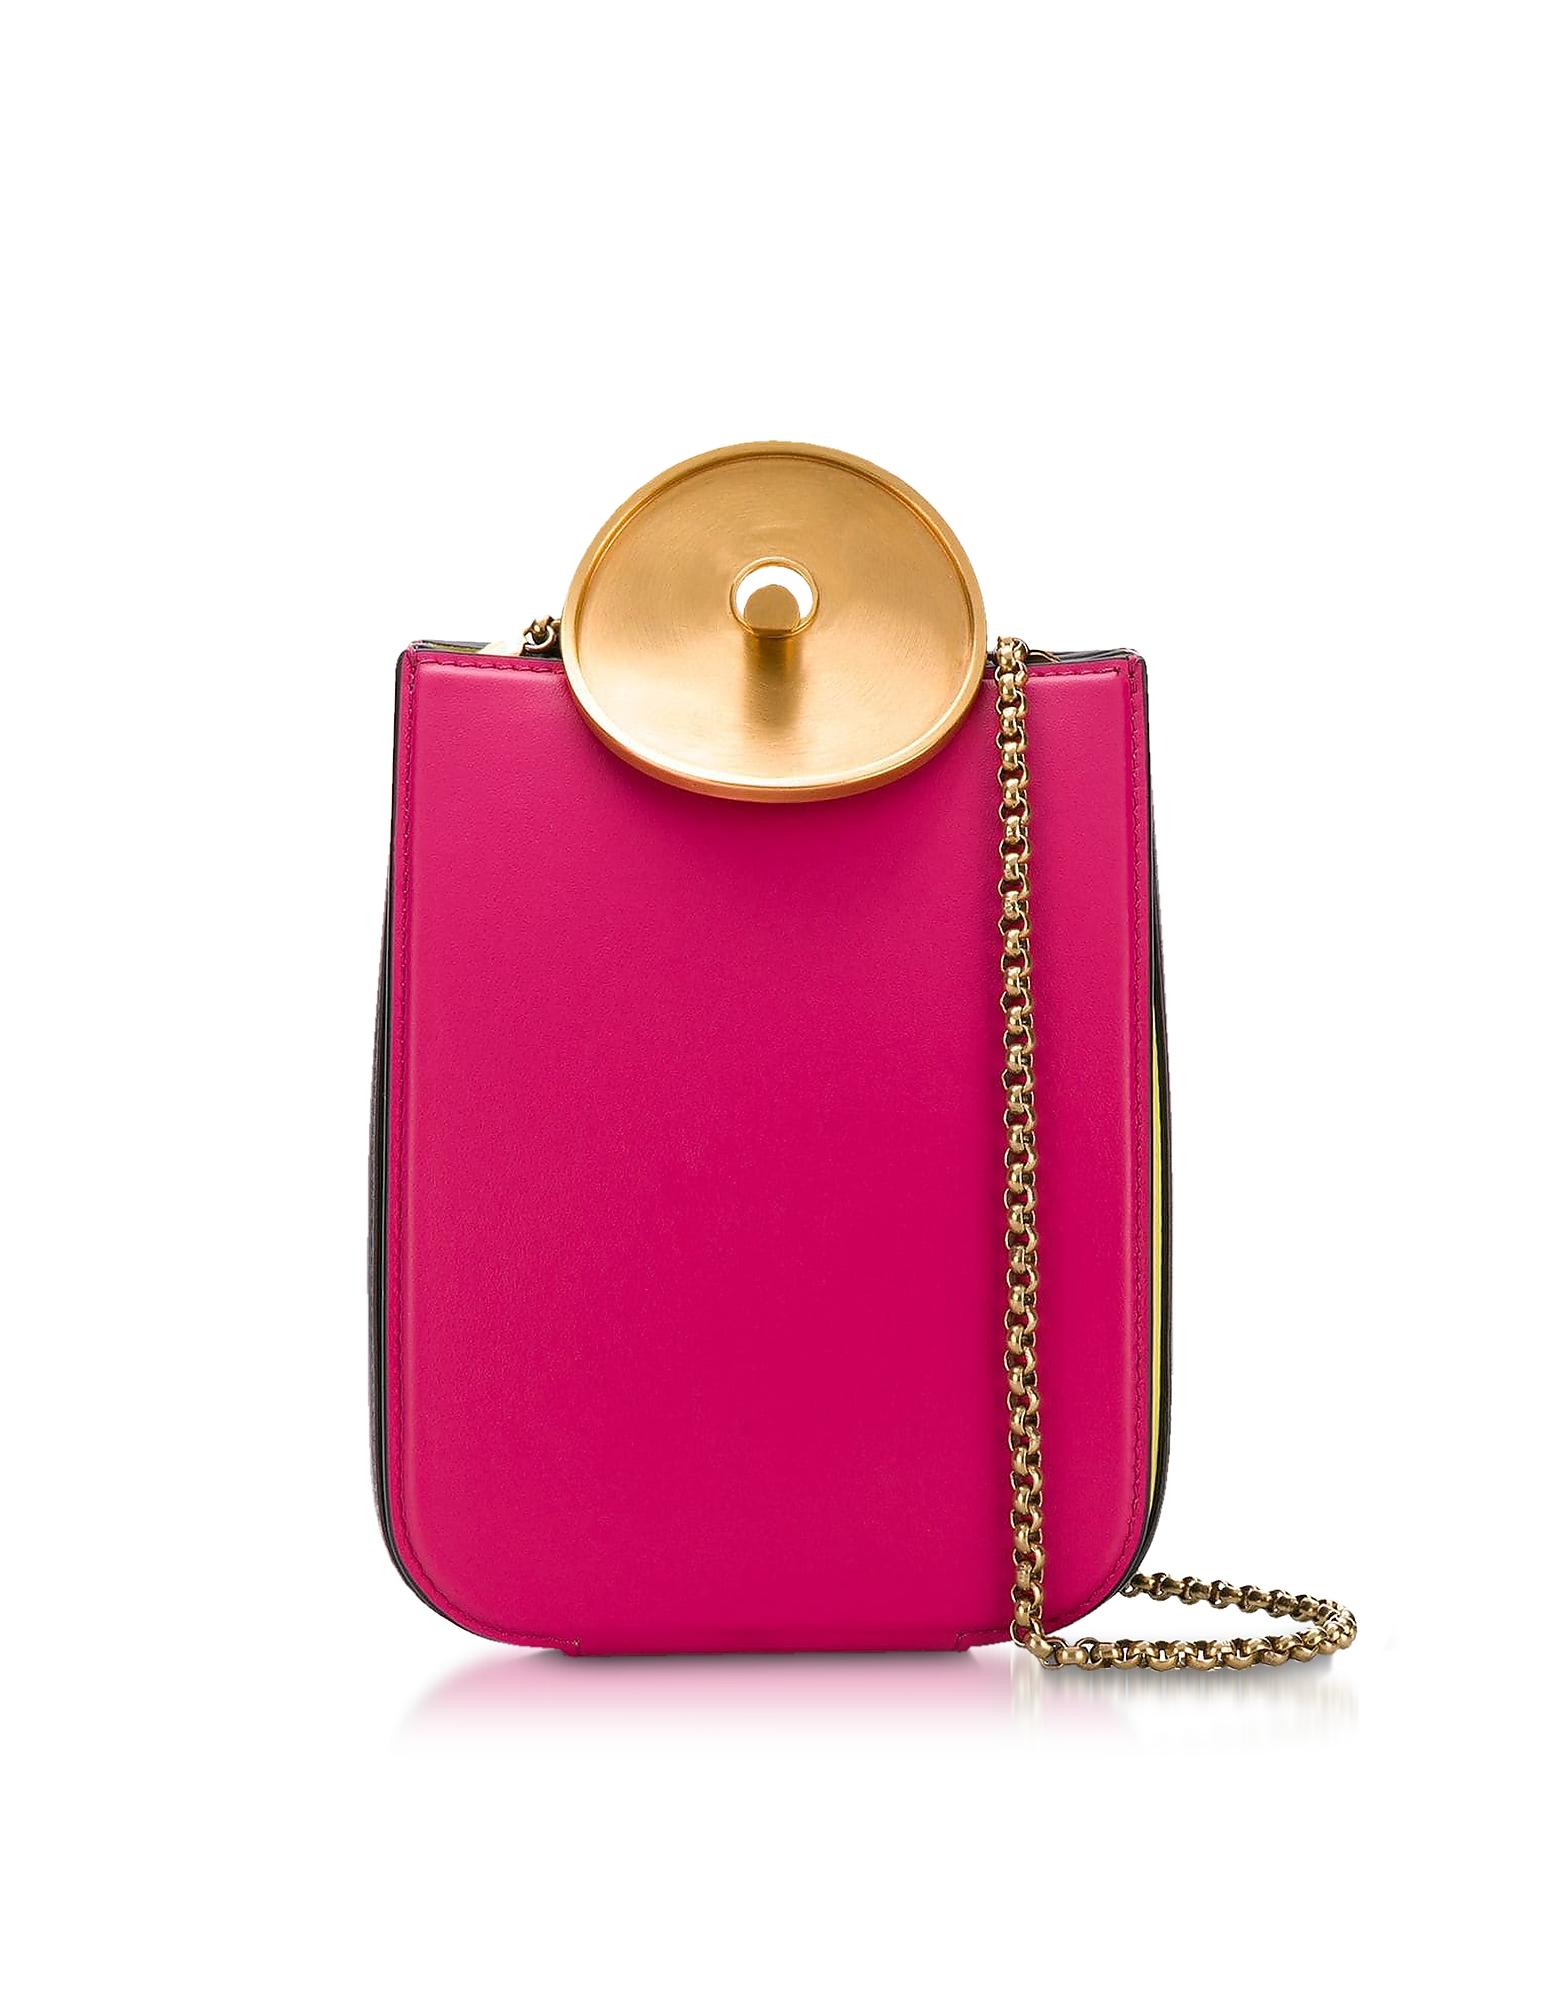 Image of Marni Designer Handbags, Misty Rose, Black and Acid Leather Monile Shoulder Bag